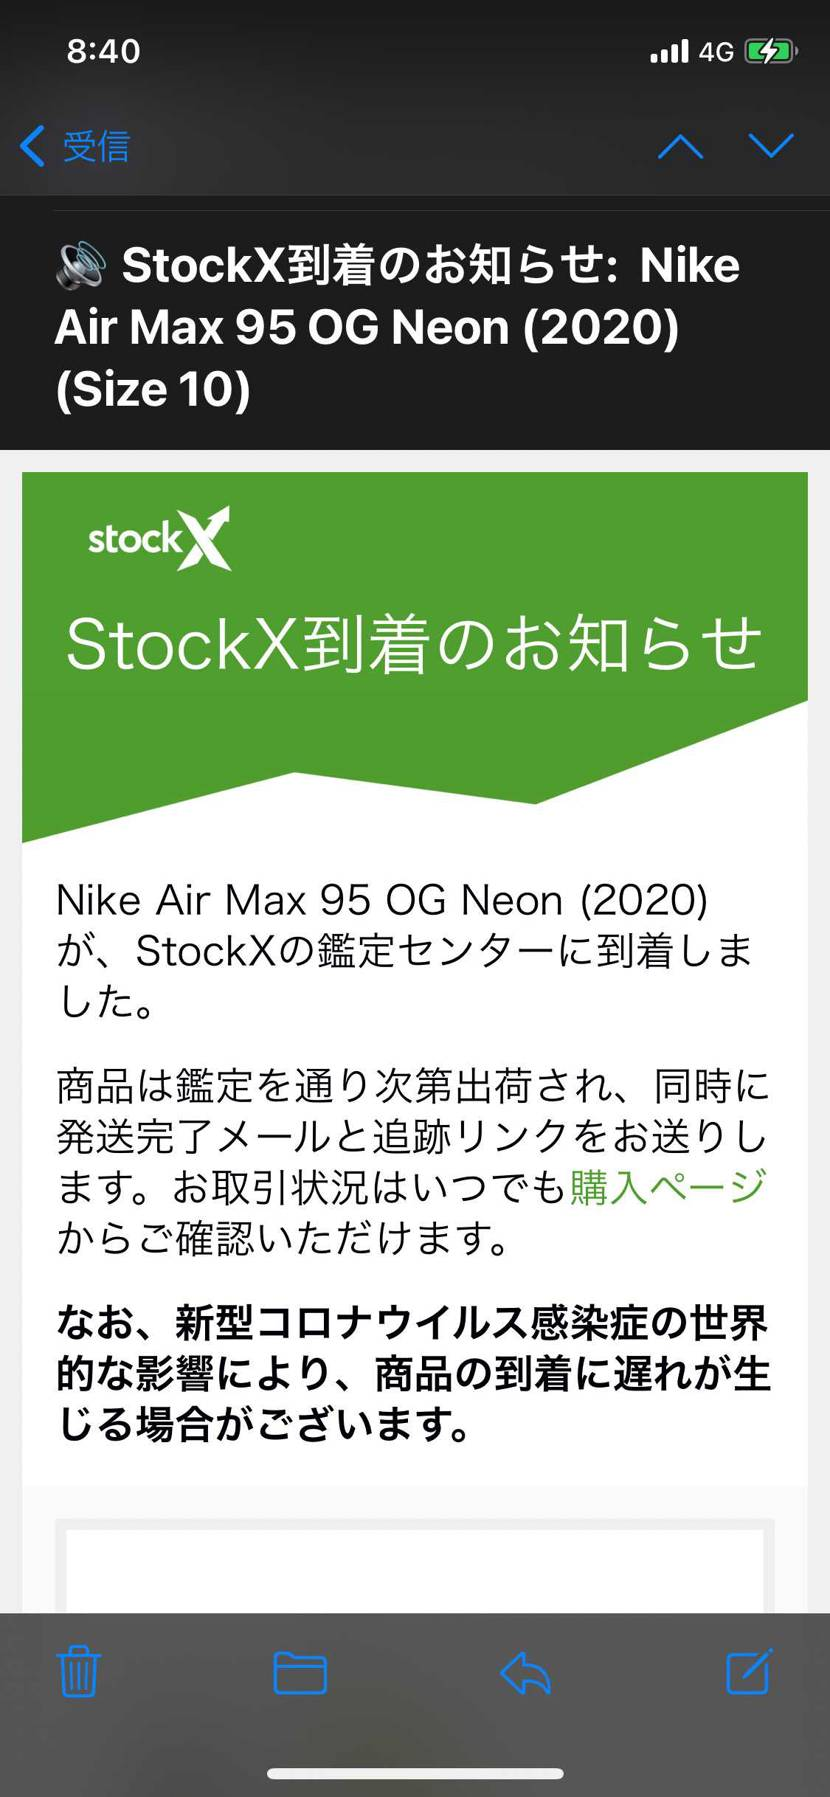 皆さんが続々と手に入れている中、発売前にストックXで購入した物が未だに鑑定センタ